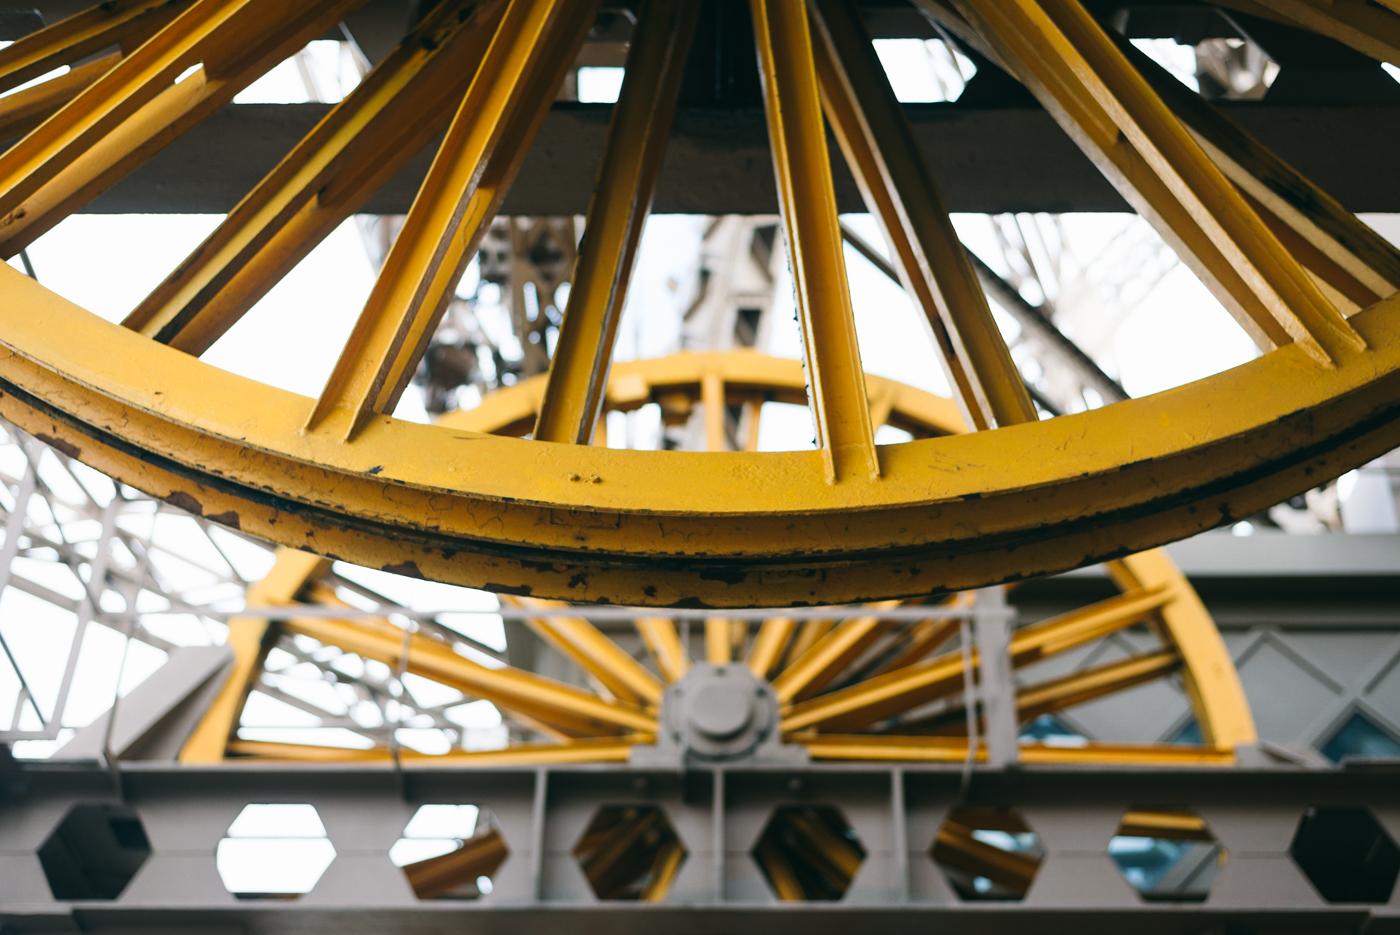 Leo_Piastra_Paris-Tour Eiffel-